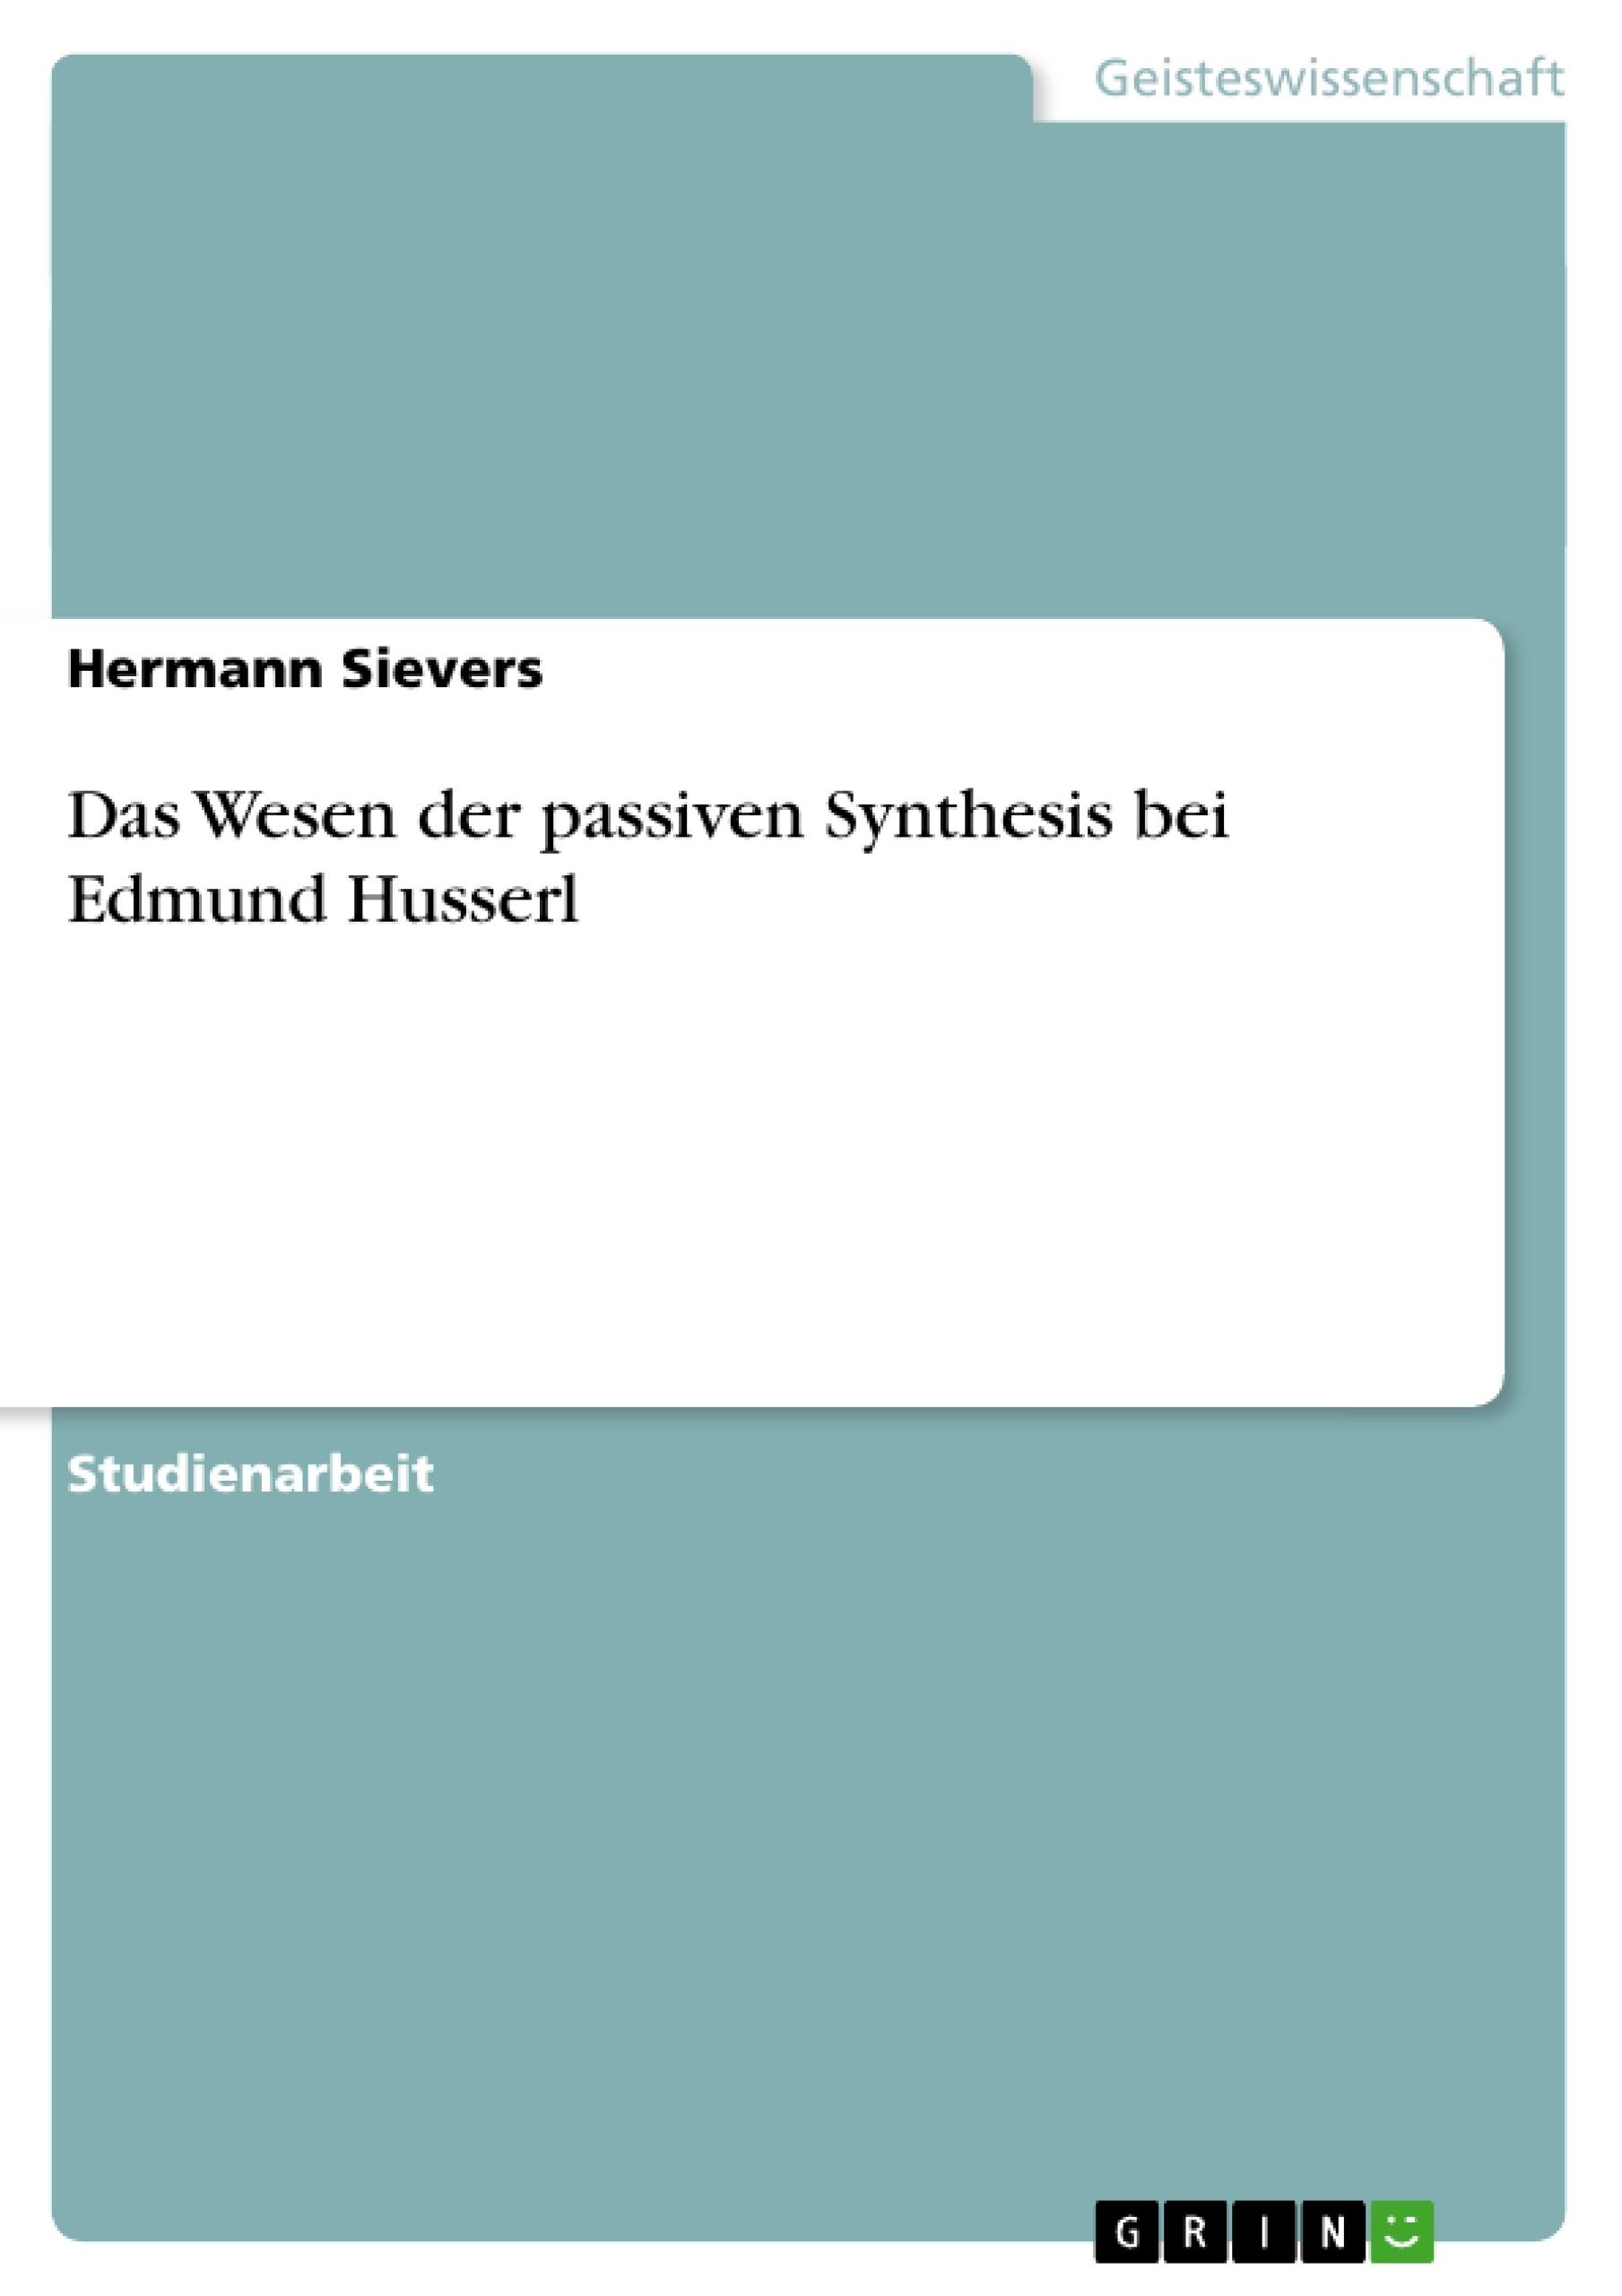 Titel: Das Wesen der passiven Synthesis bei Edmund Husserl